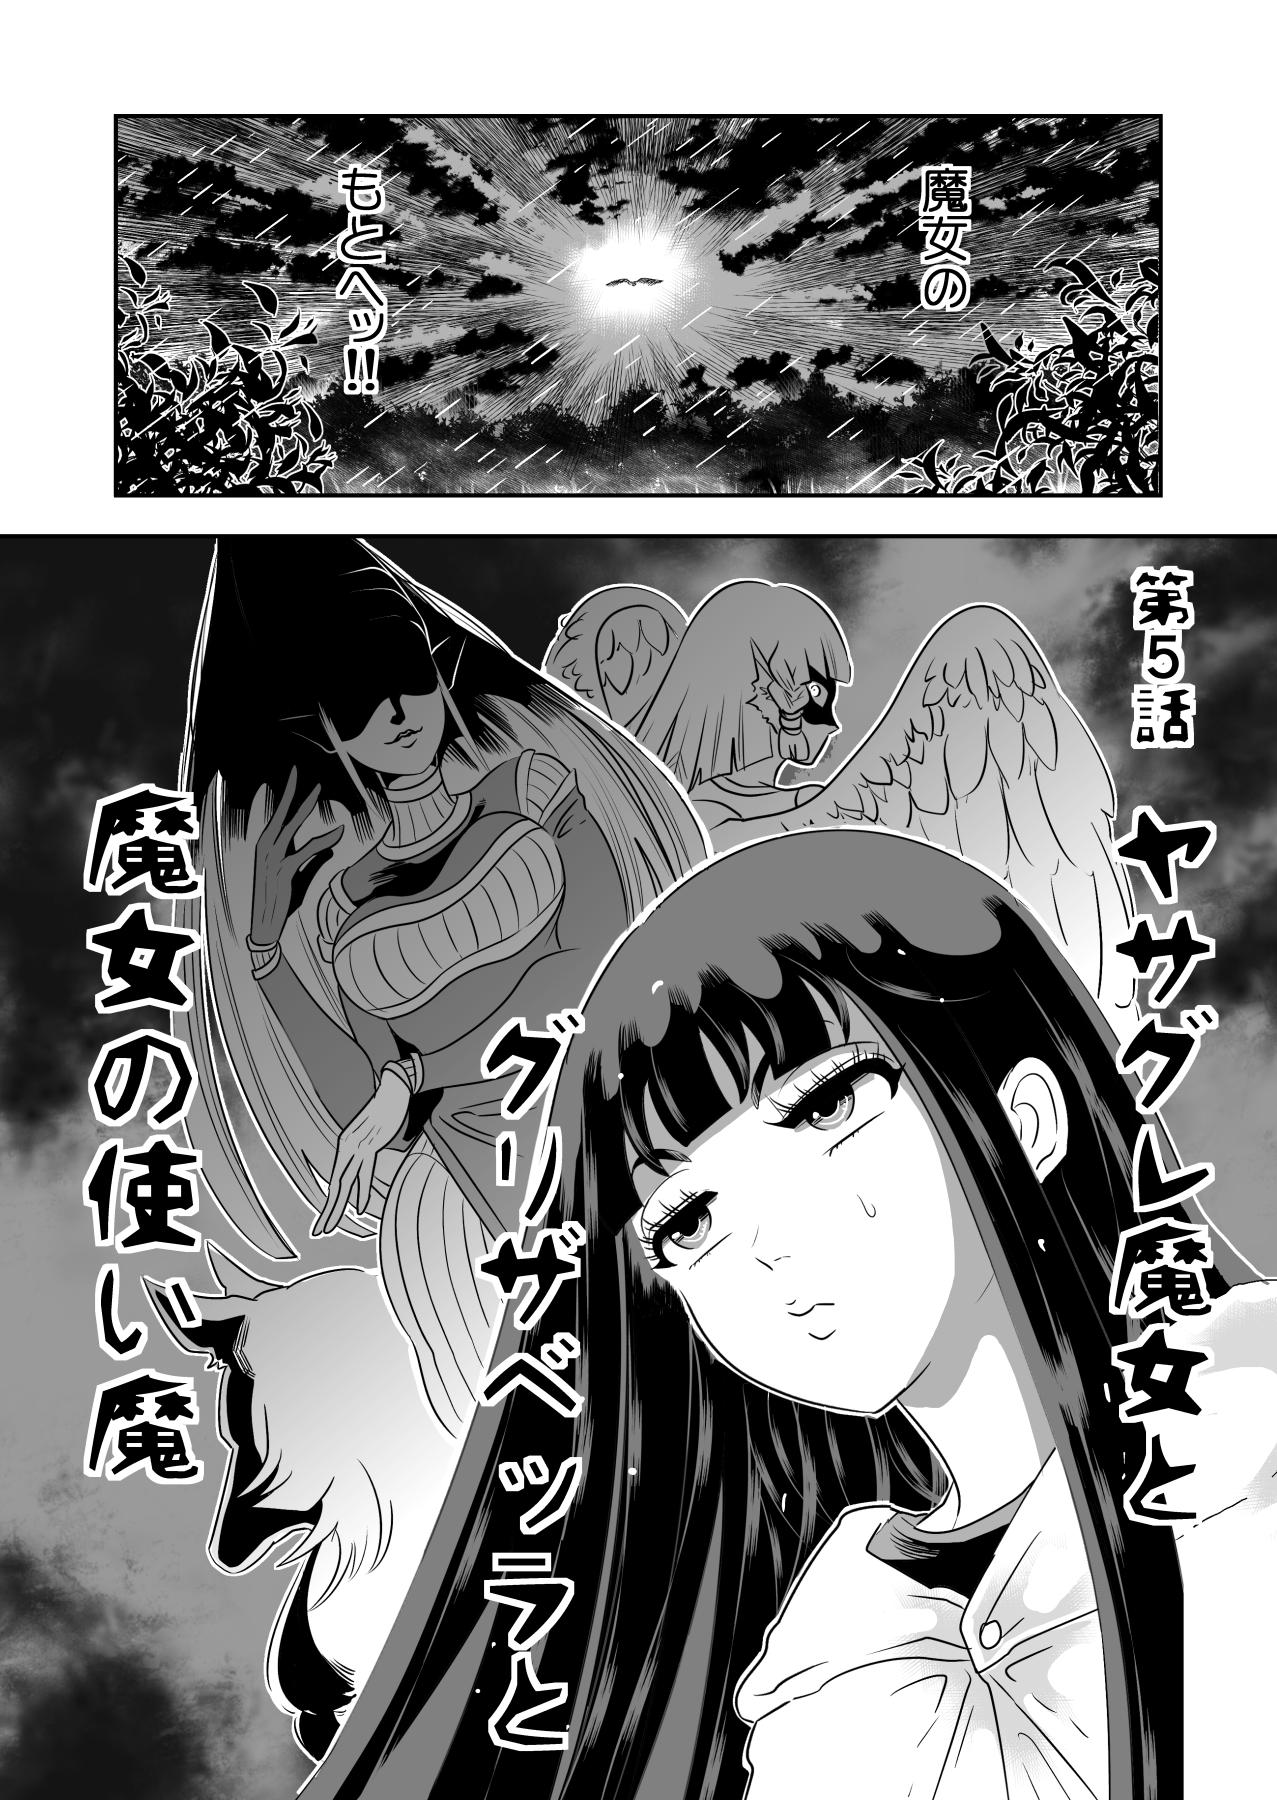 ヤサグレ魔女とグリザベッラと魔女の使い魔0002